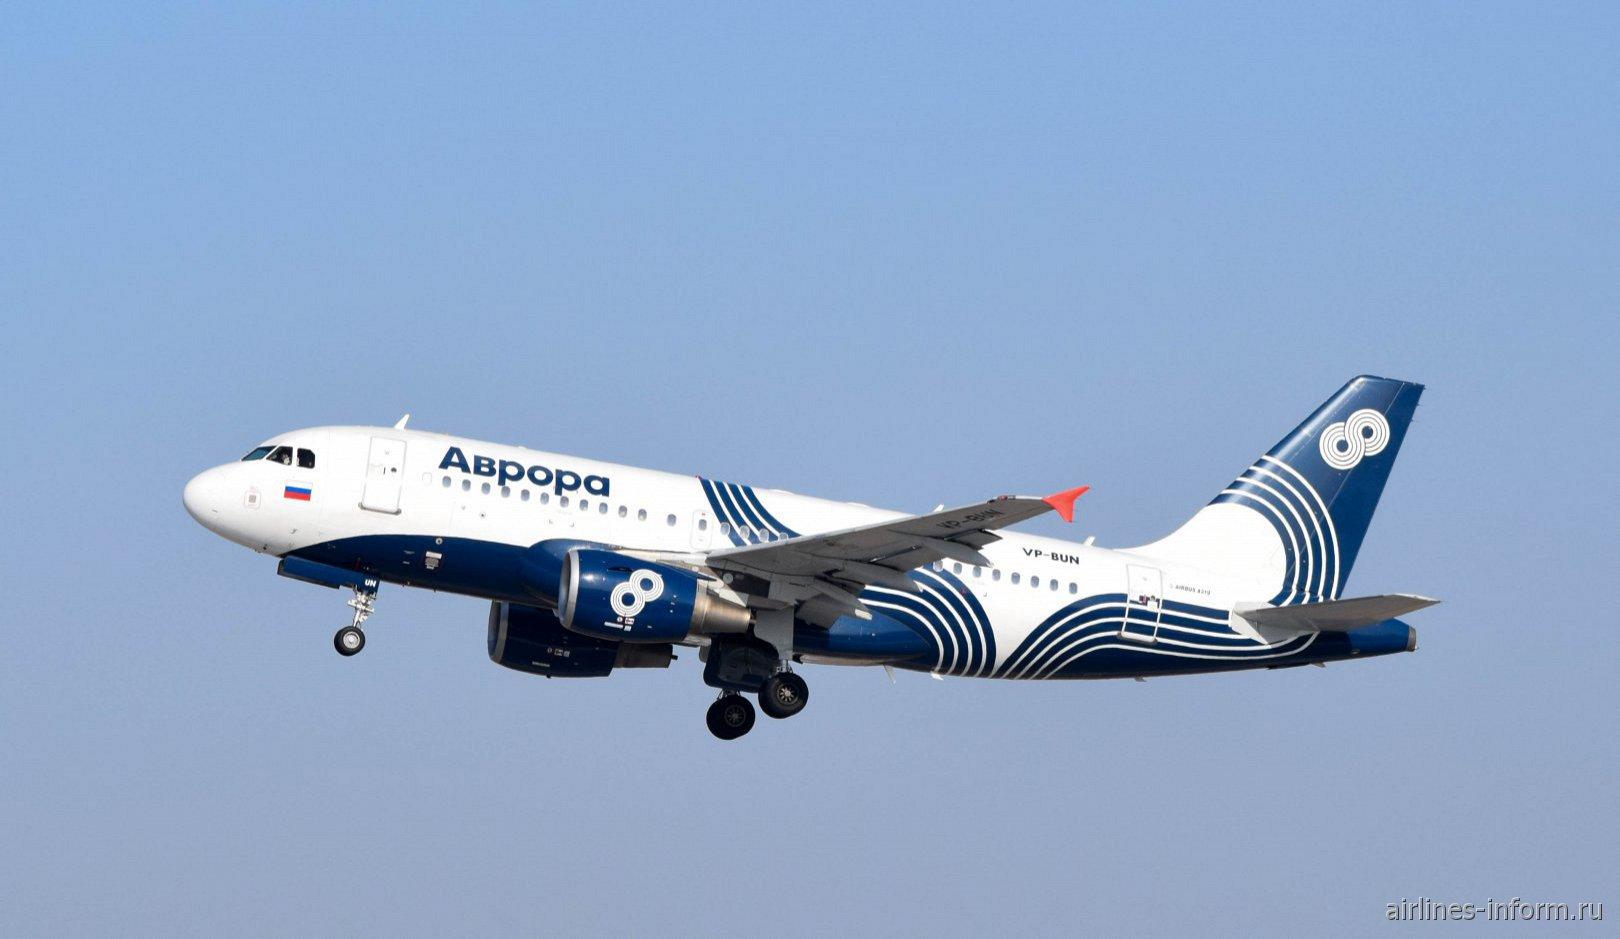 Самолет Airbus A319 с номером VP-BUN авиакомпании